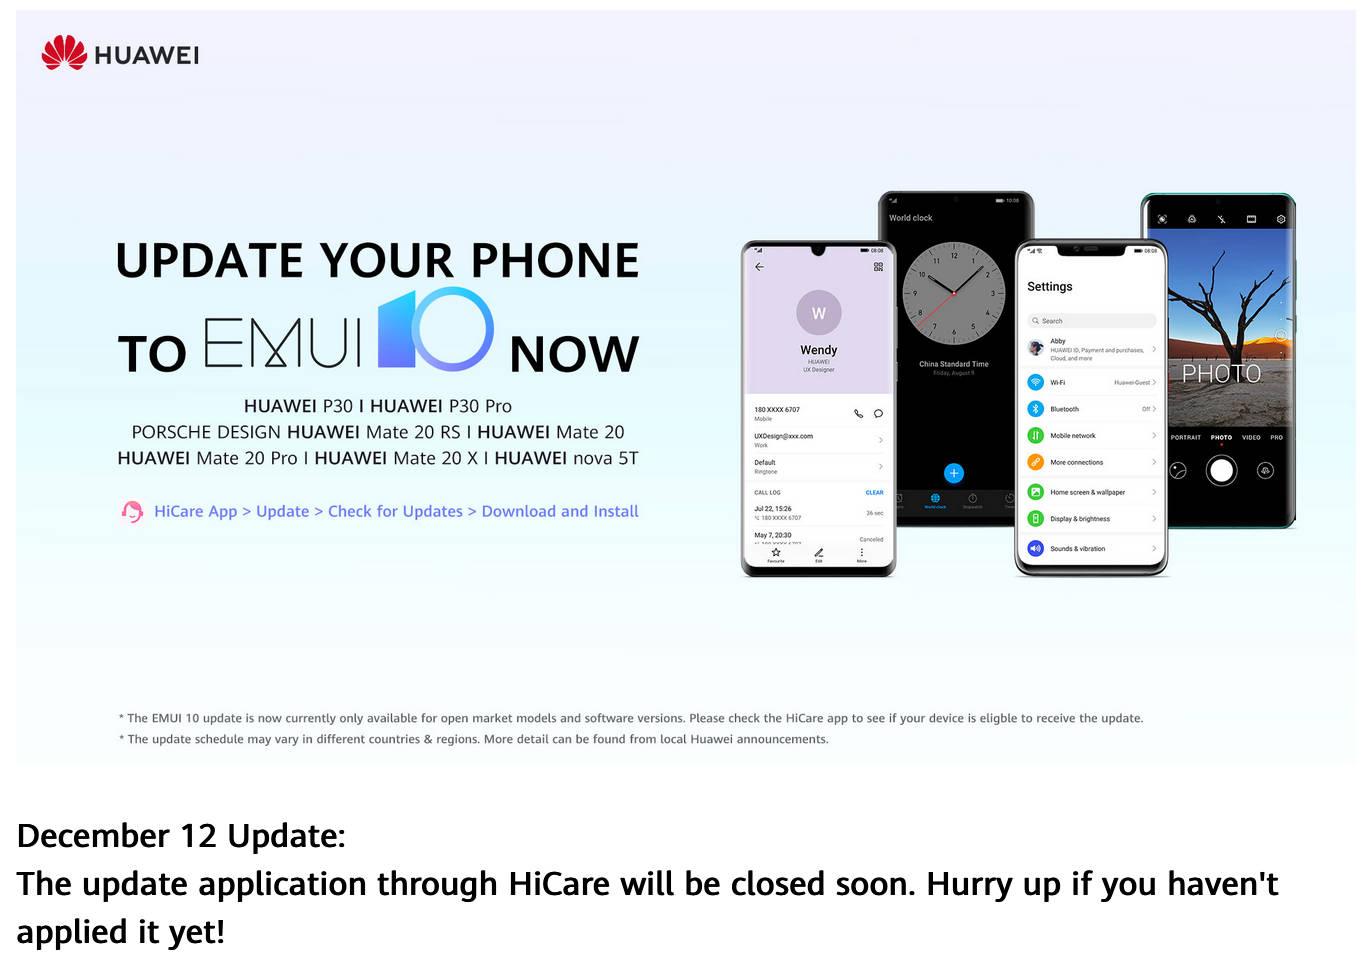 aktualizacja EMUI 10 Stable Android 10 dla Huawei P30 Pro Mate 20 Pro jak zainstalować poprzez HiCare